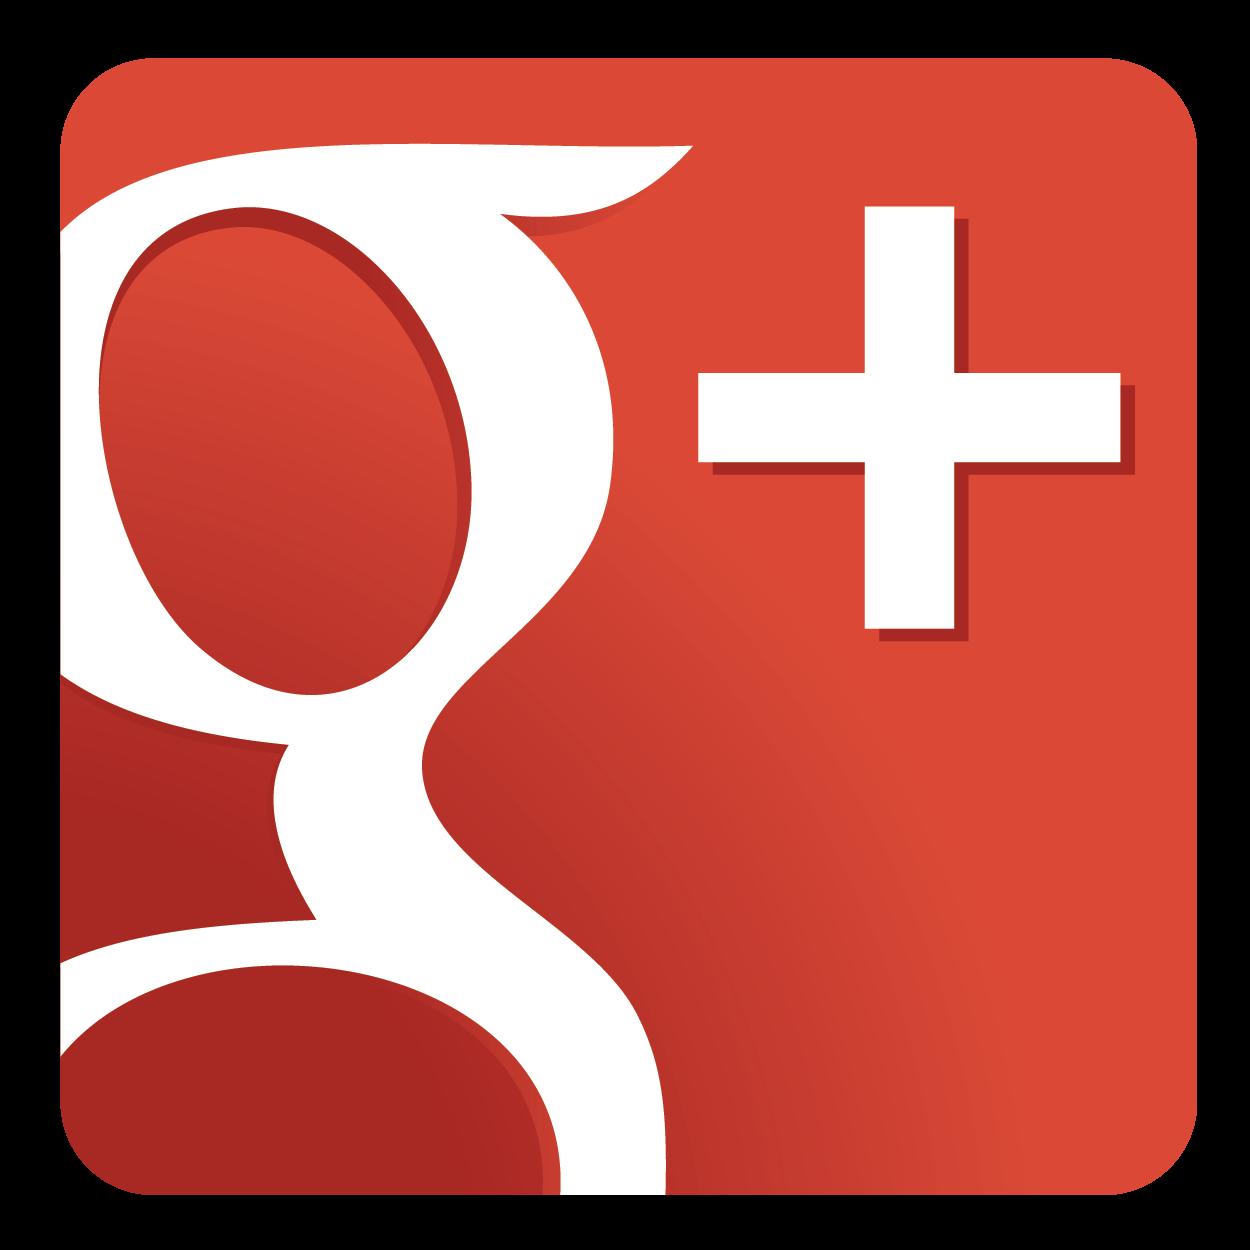 Google+で2014年1月例会『ロミオとジュリエット』 - 香川市民劇場を共有